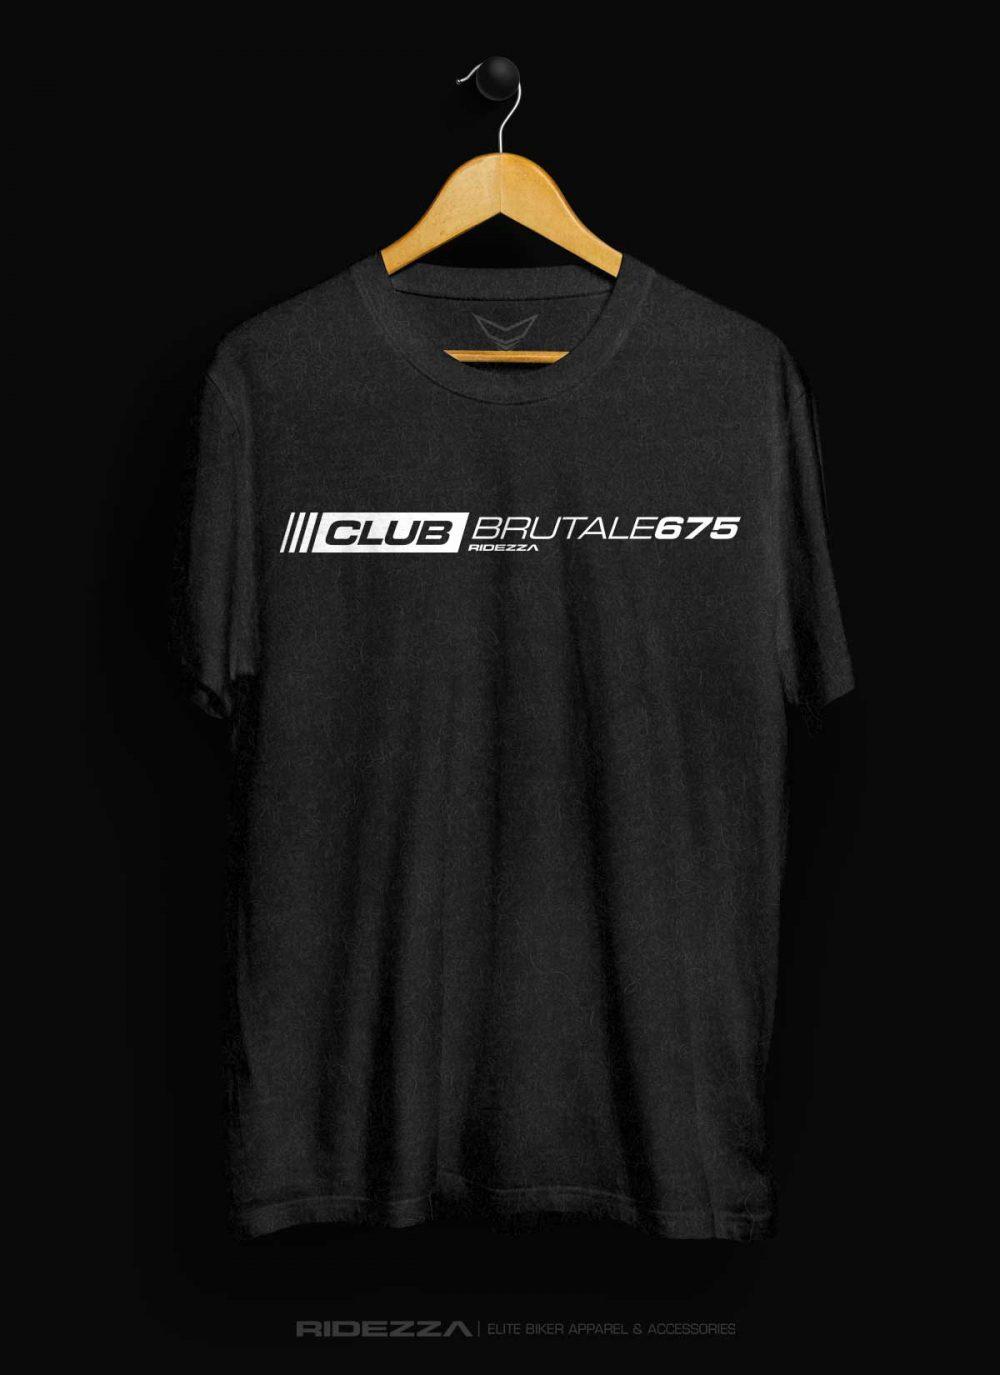 MV Agusta Brutale 675 Club T-Shirt